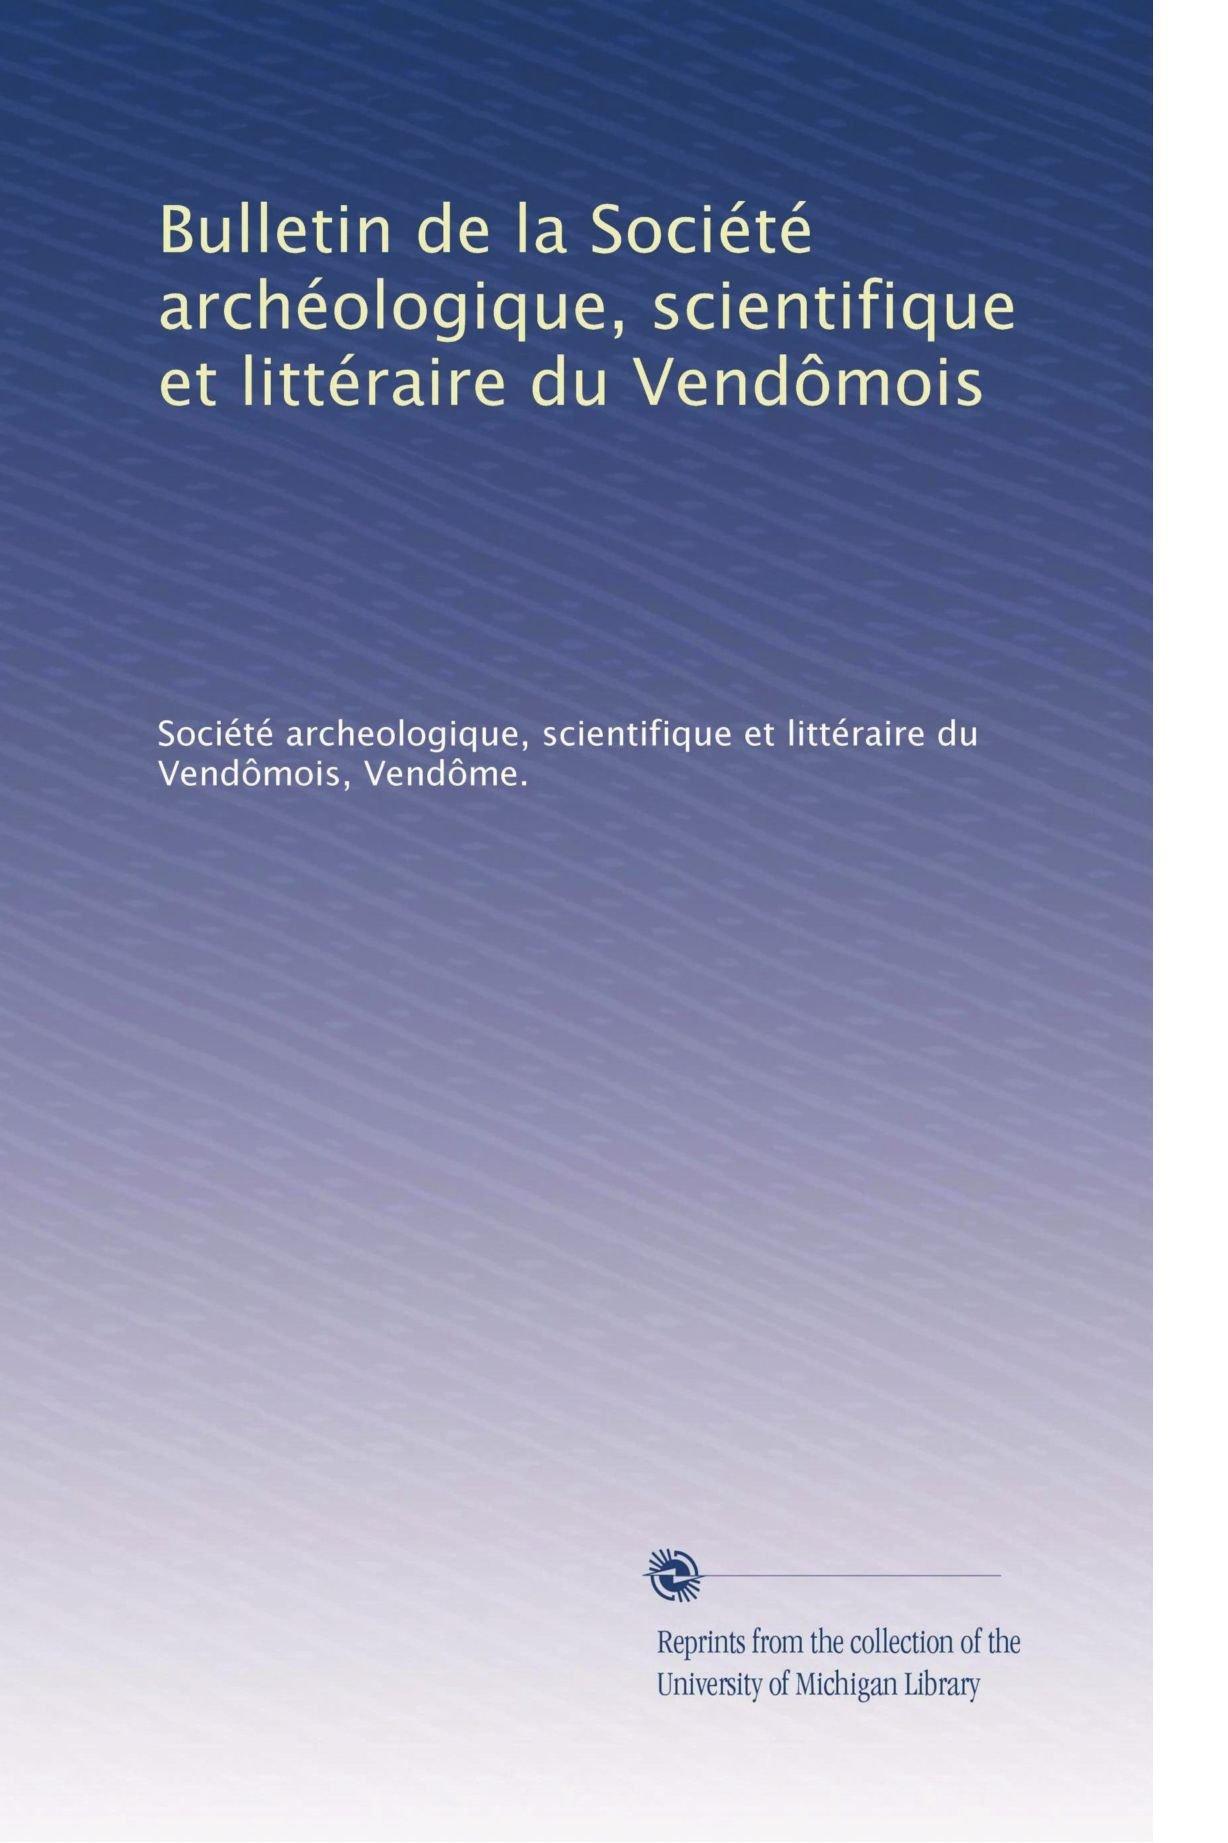 Download Bulletin de la Société archéologique, scientifique et littéraire du Vendômois (Volume 38) (French Edition) ebook